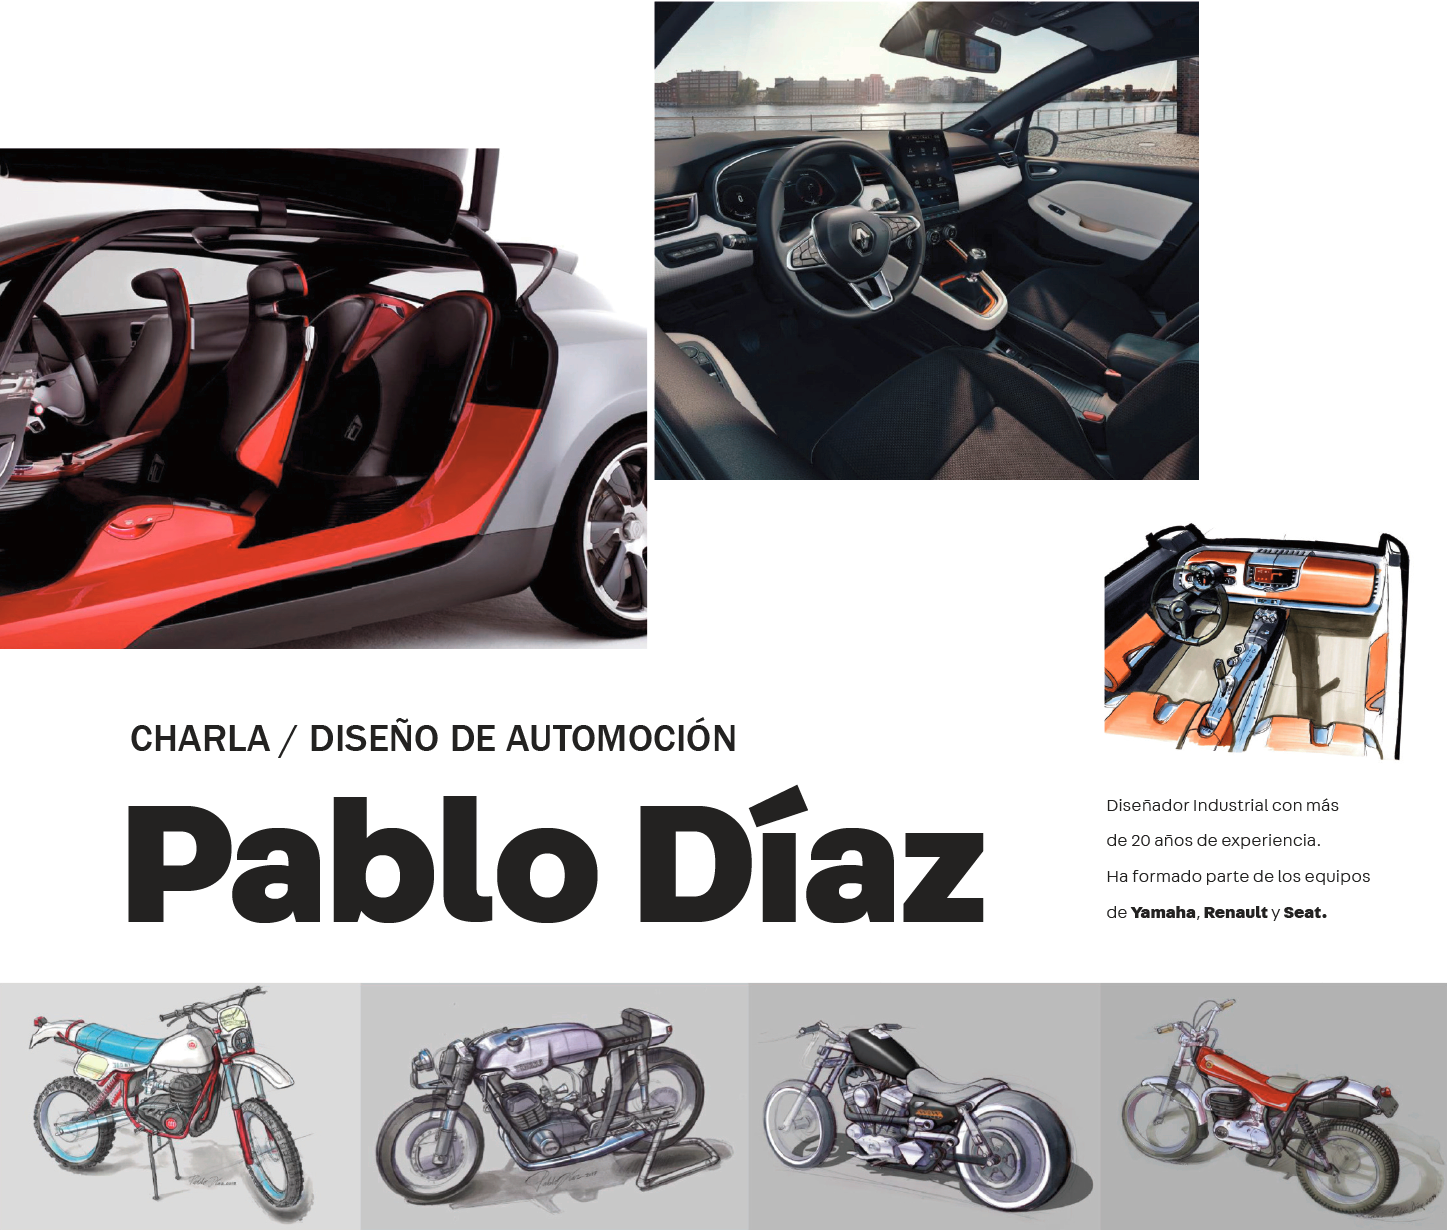 Pablo Díaz, Diseño de Automoción